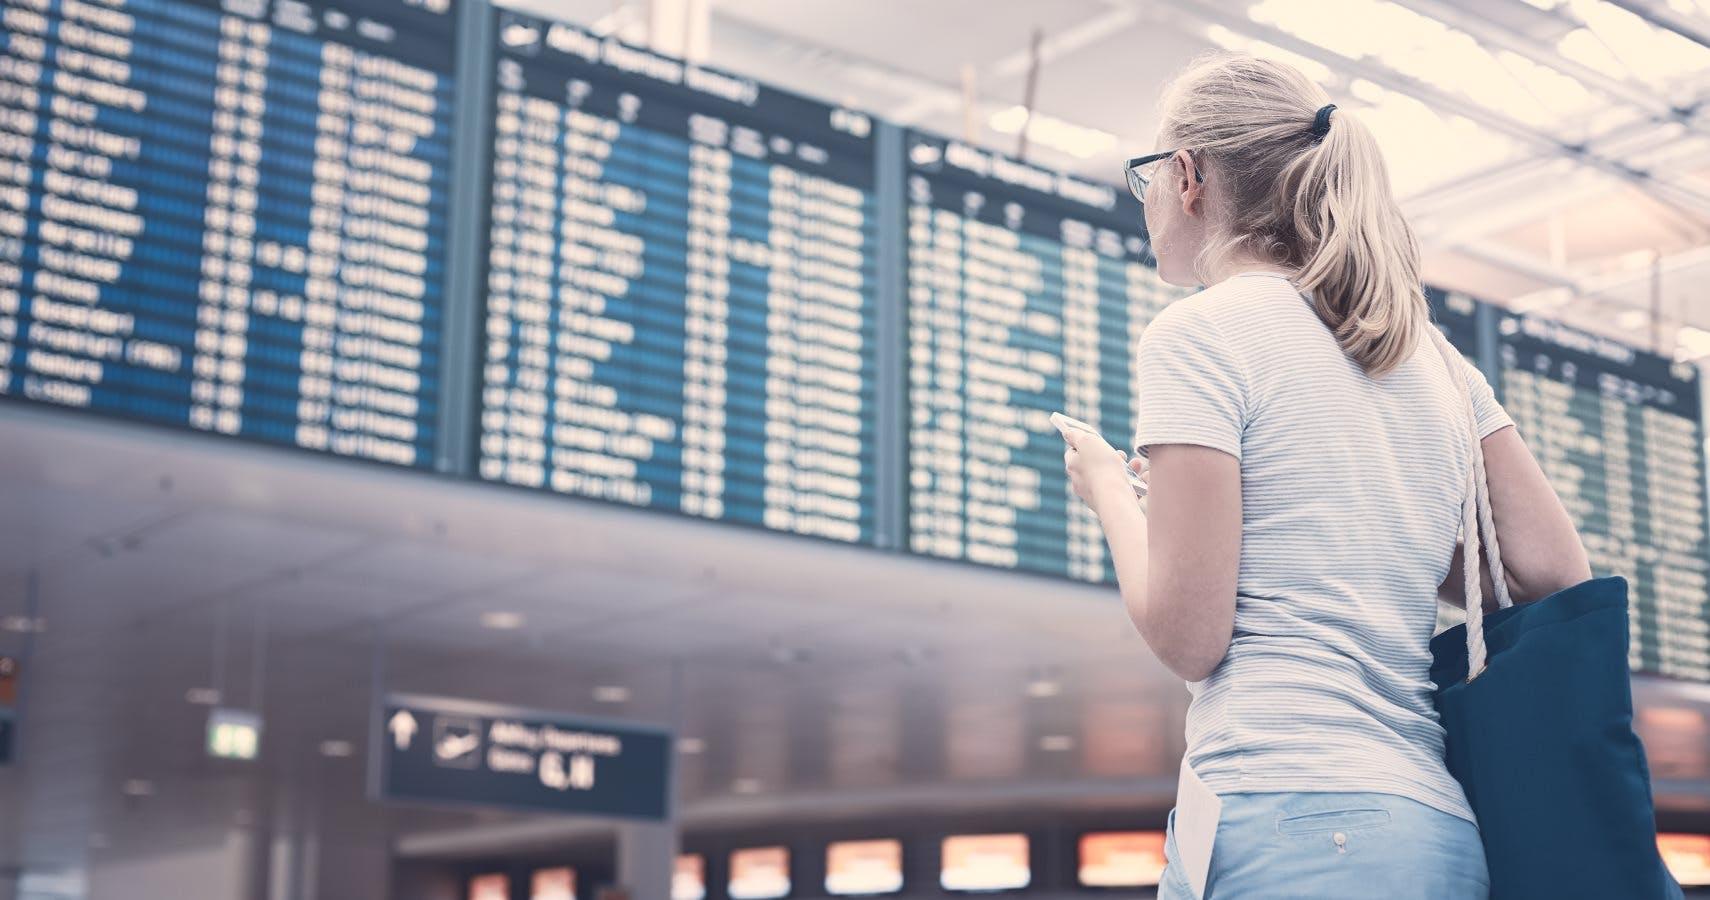 Зачас задержки рейса туристы будут получать до330рублей